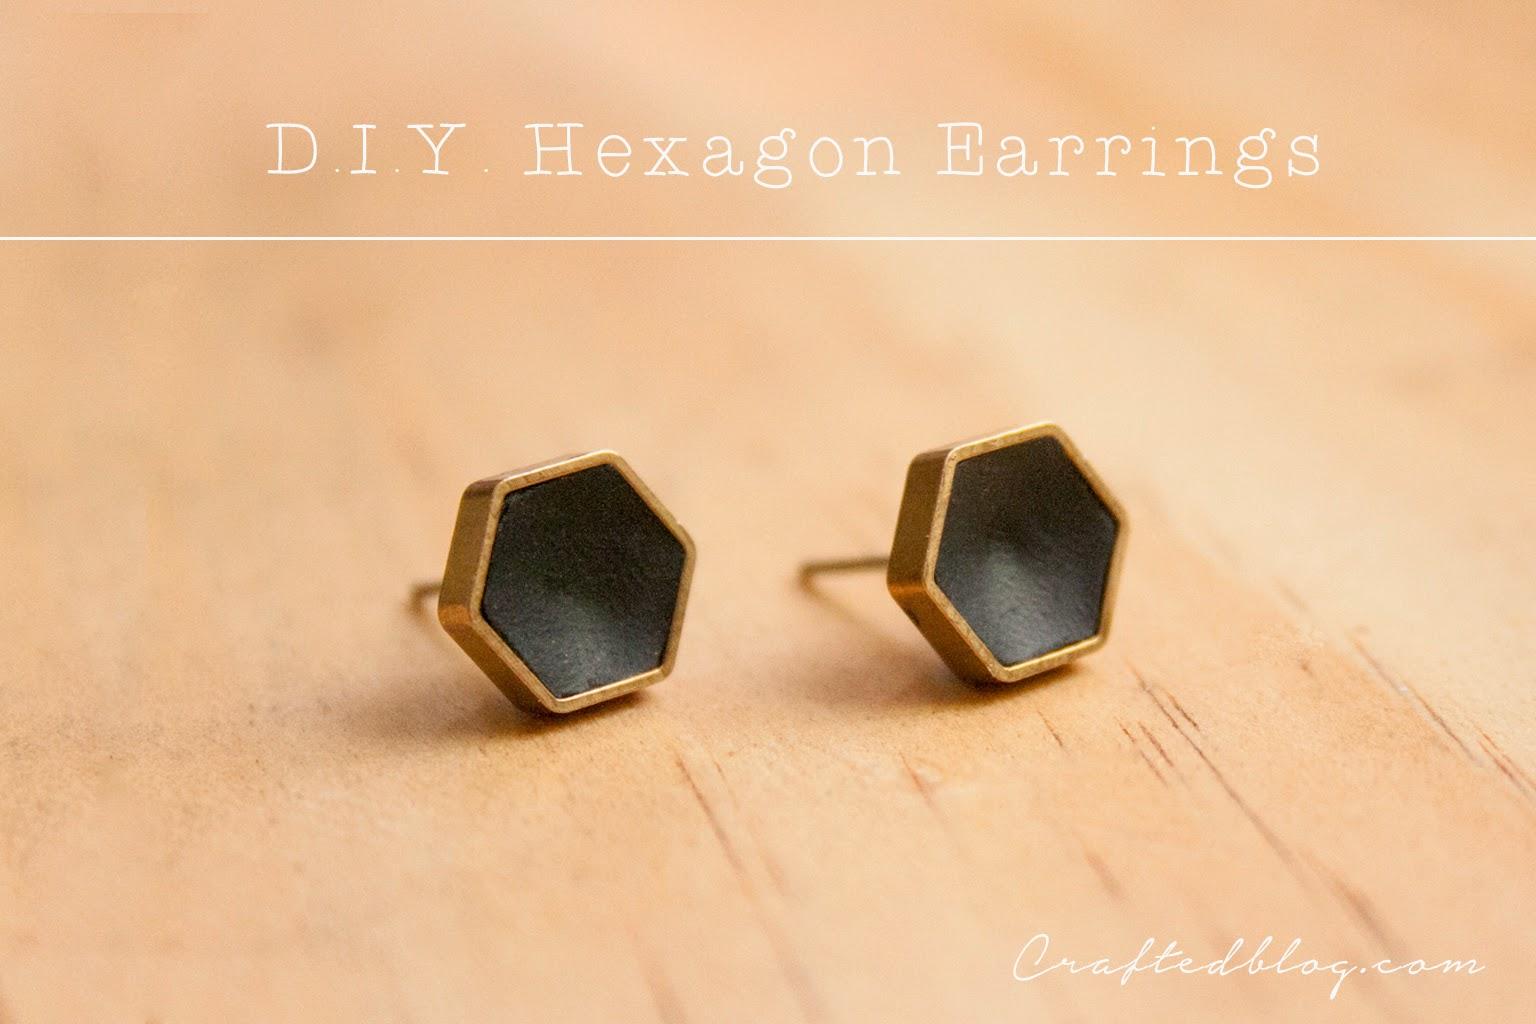 D.I.Y. Hexi earrings